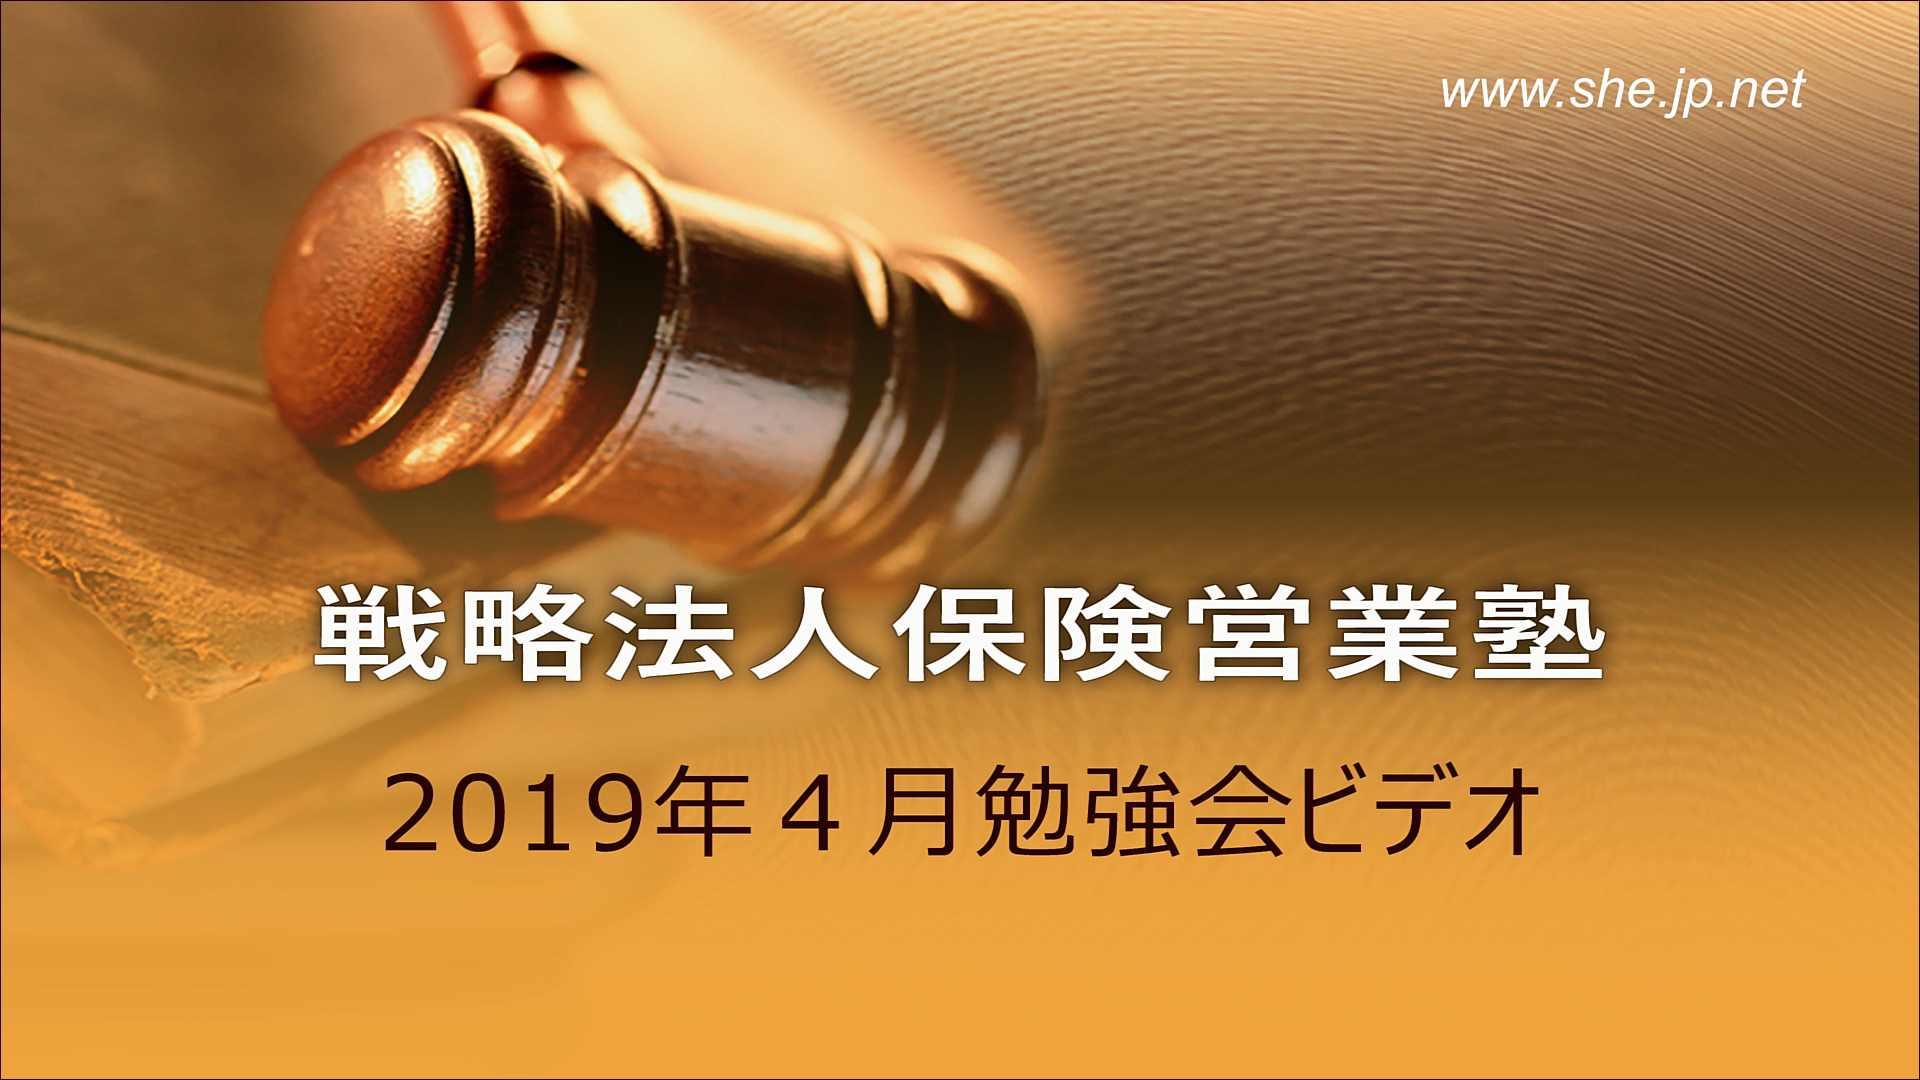 【受講者専用】 2019年04月度LiveSHE勉強会ビデオ(メンバー限定)